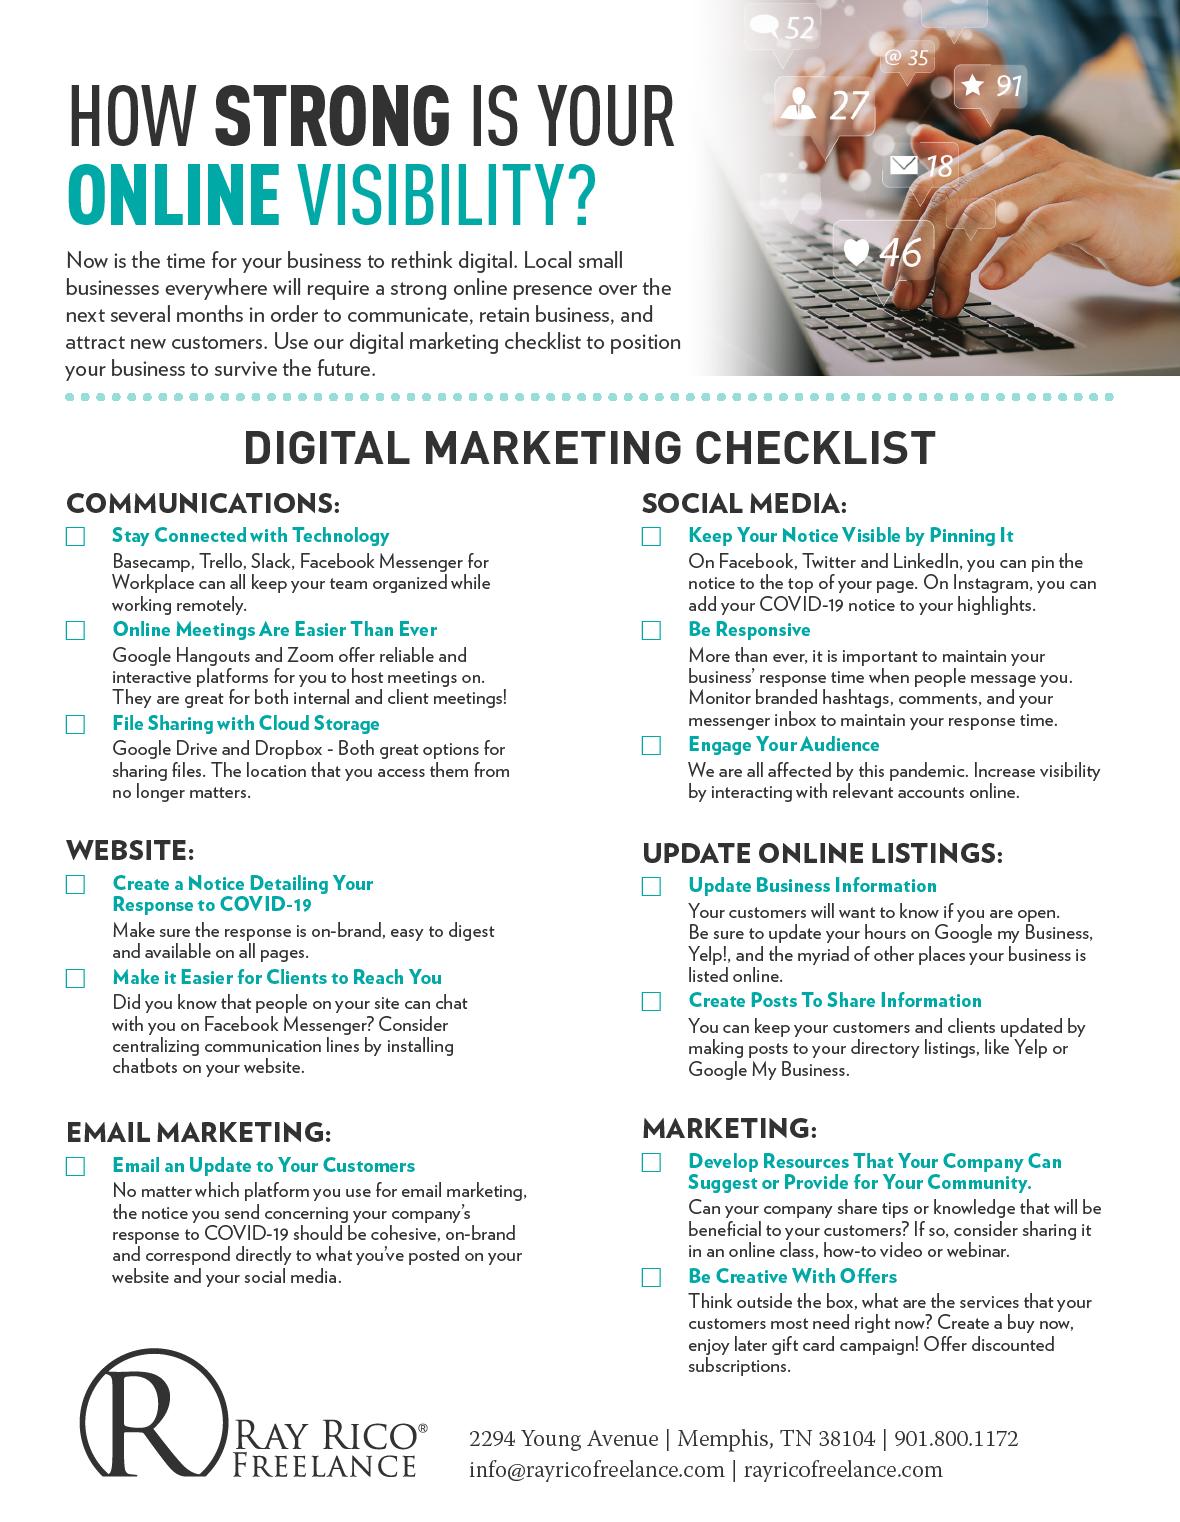 digital-media-marketing-checklist-online-resources-free